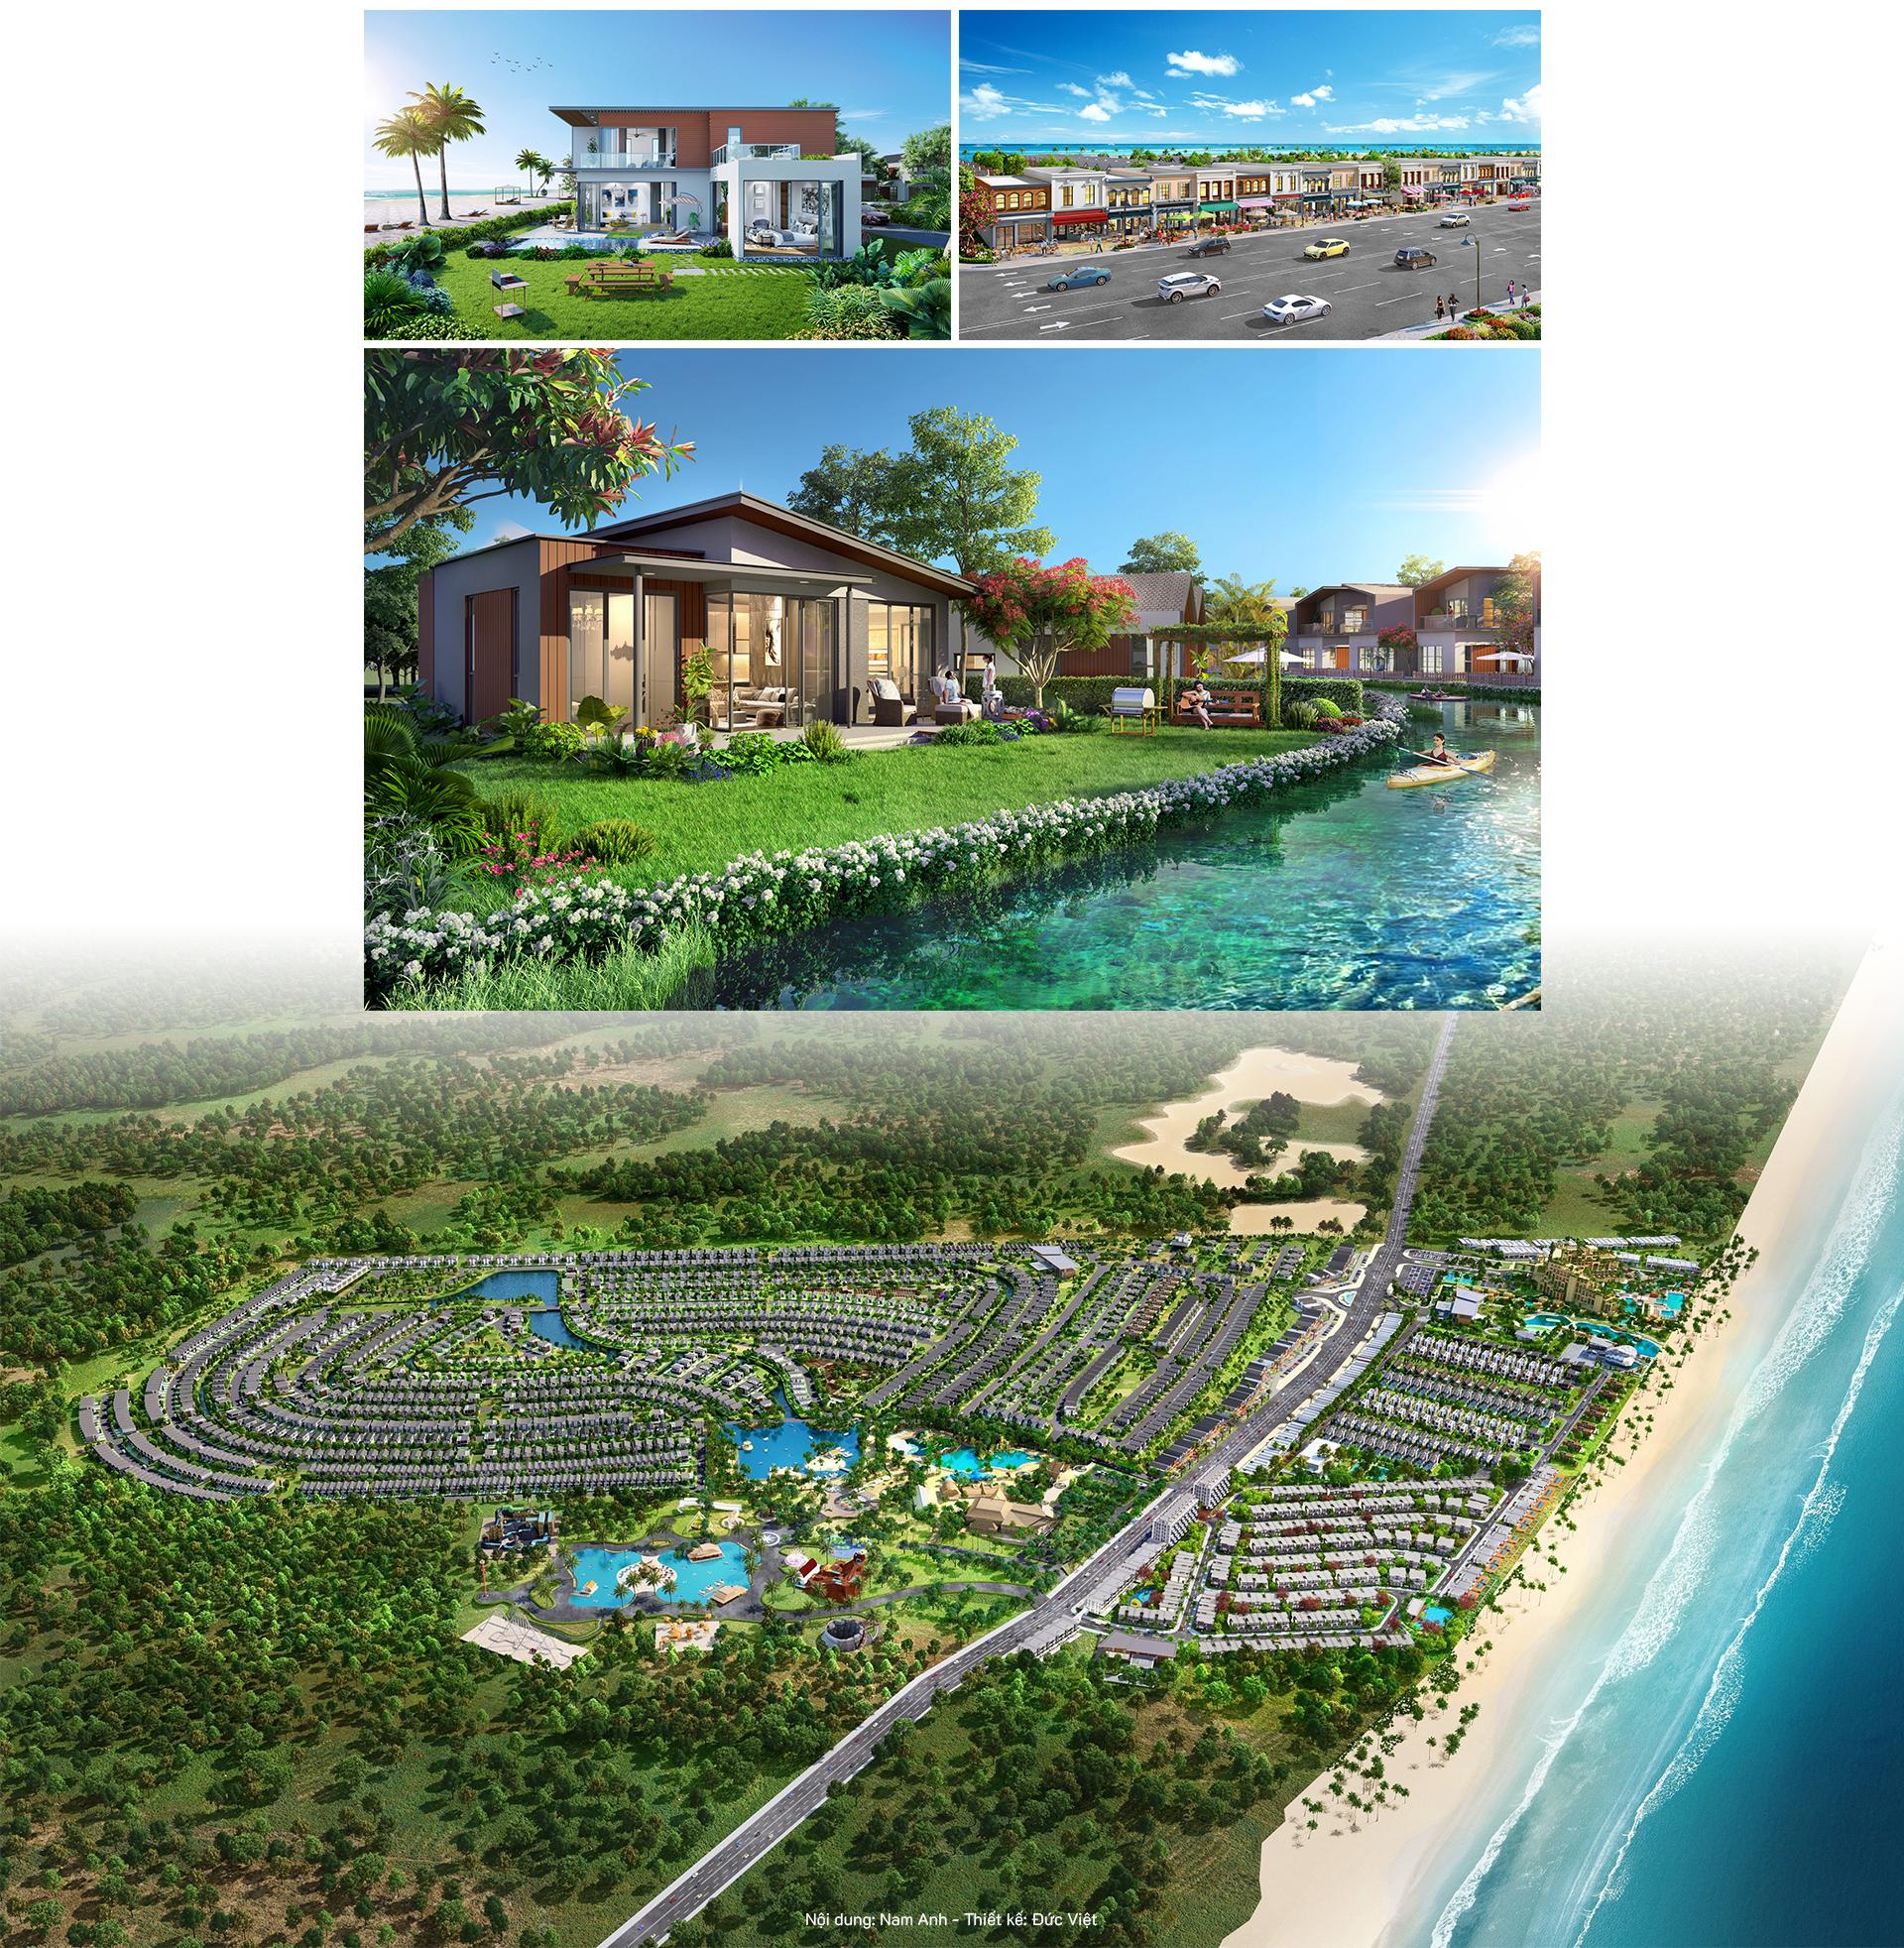 Điểm nhấn đầu tư bất động sản nghỉ dưỡng Hồ Tràm 11